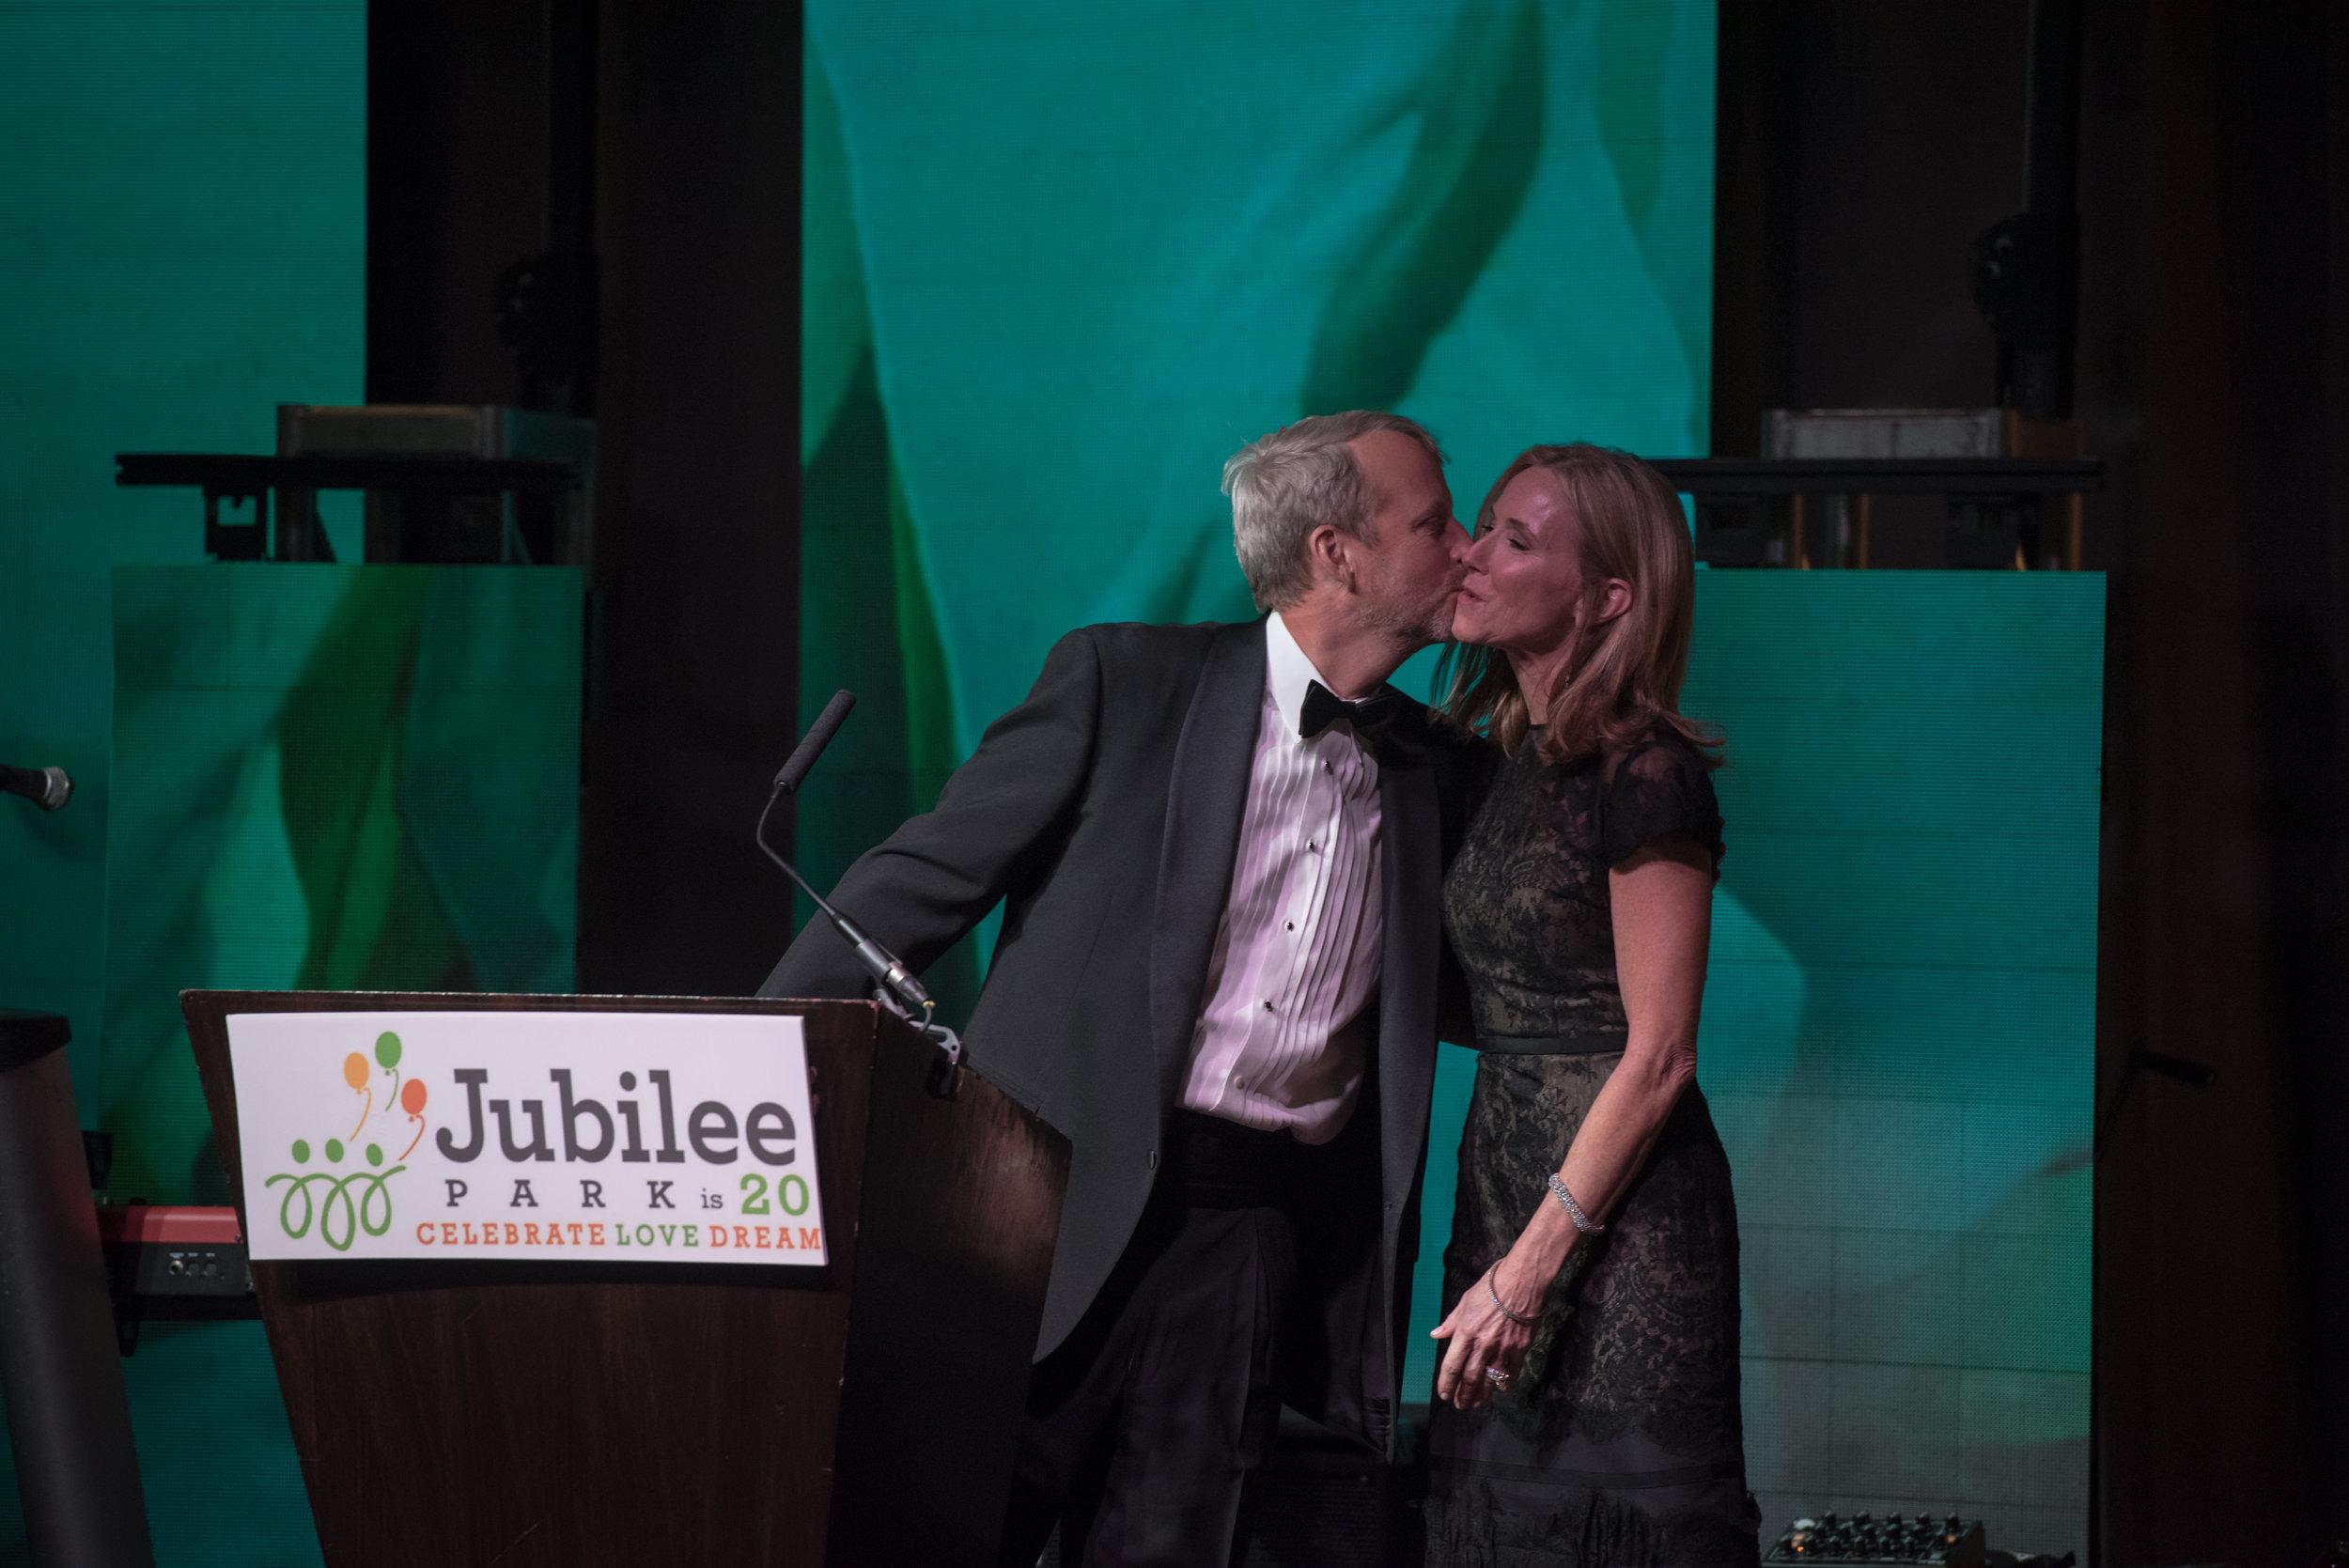 Jubilee_0321.jpg